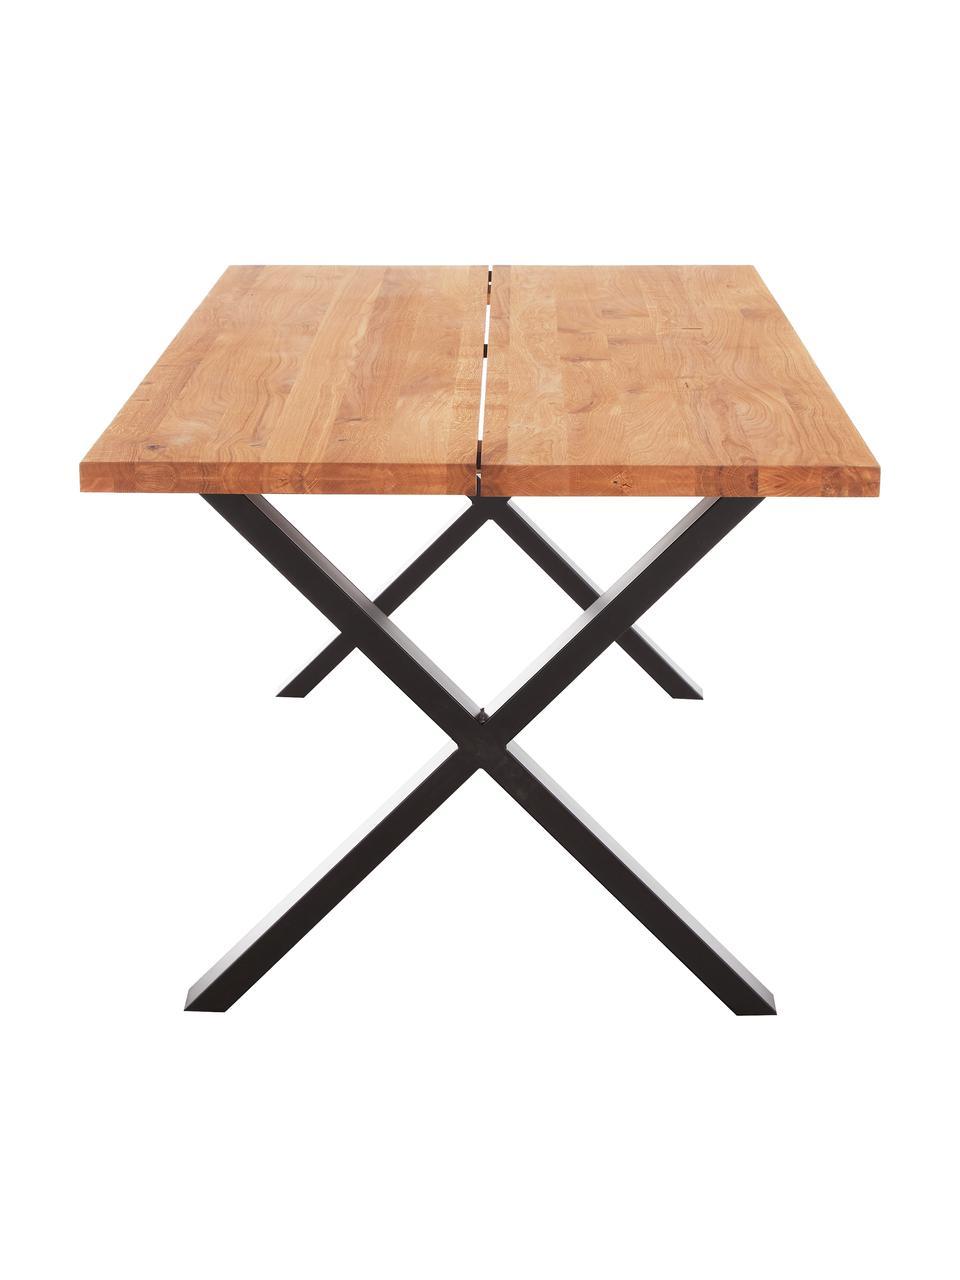 Tavolo con piano in legno massello Montpellier, Legno di quercia, nero, Larg. 200 x Prof. 95 cm